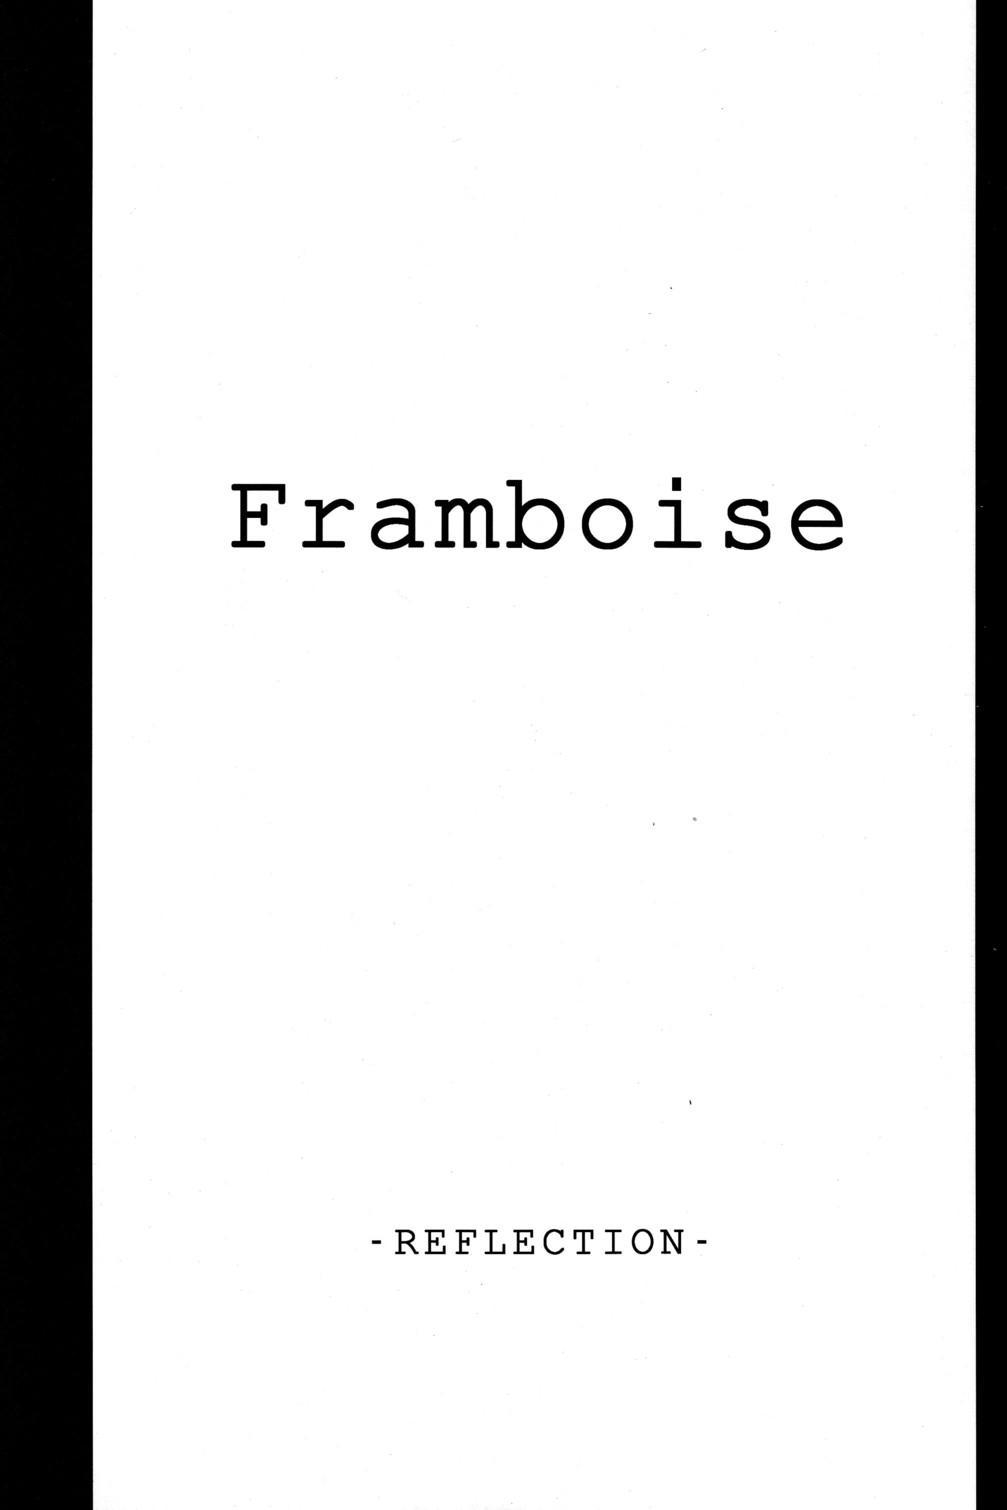 Framboise 2